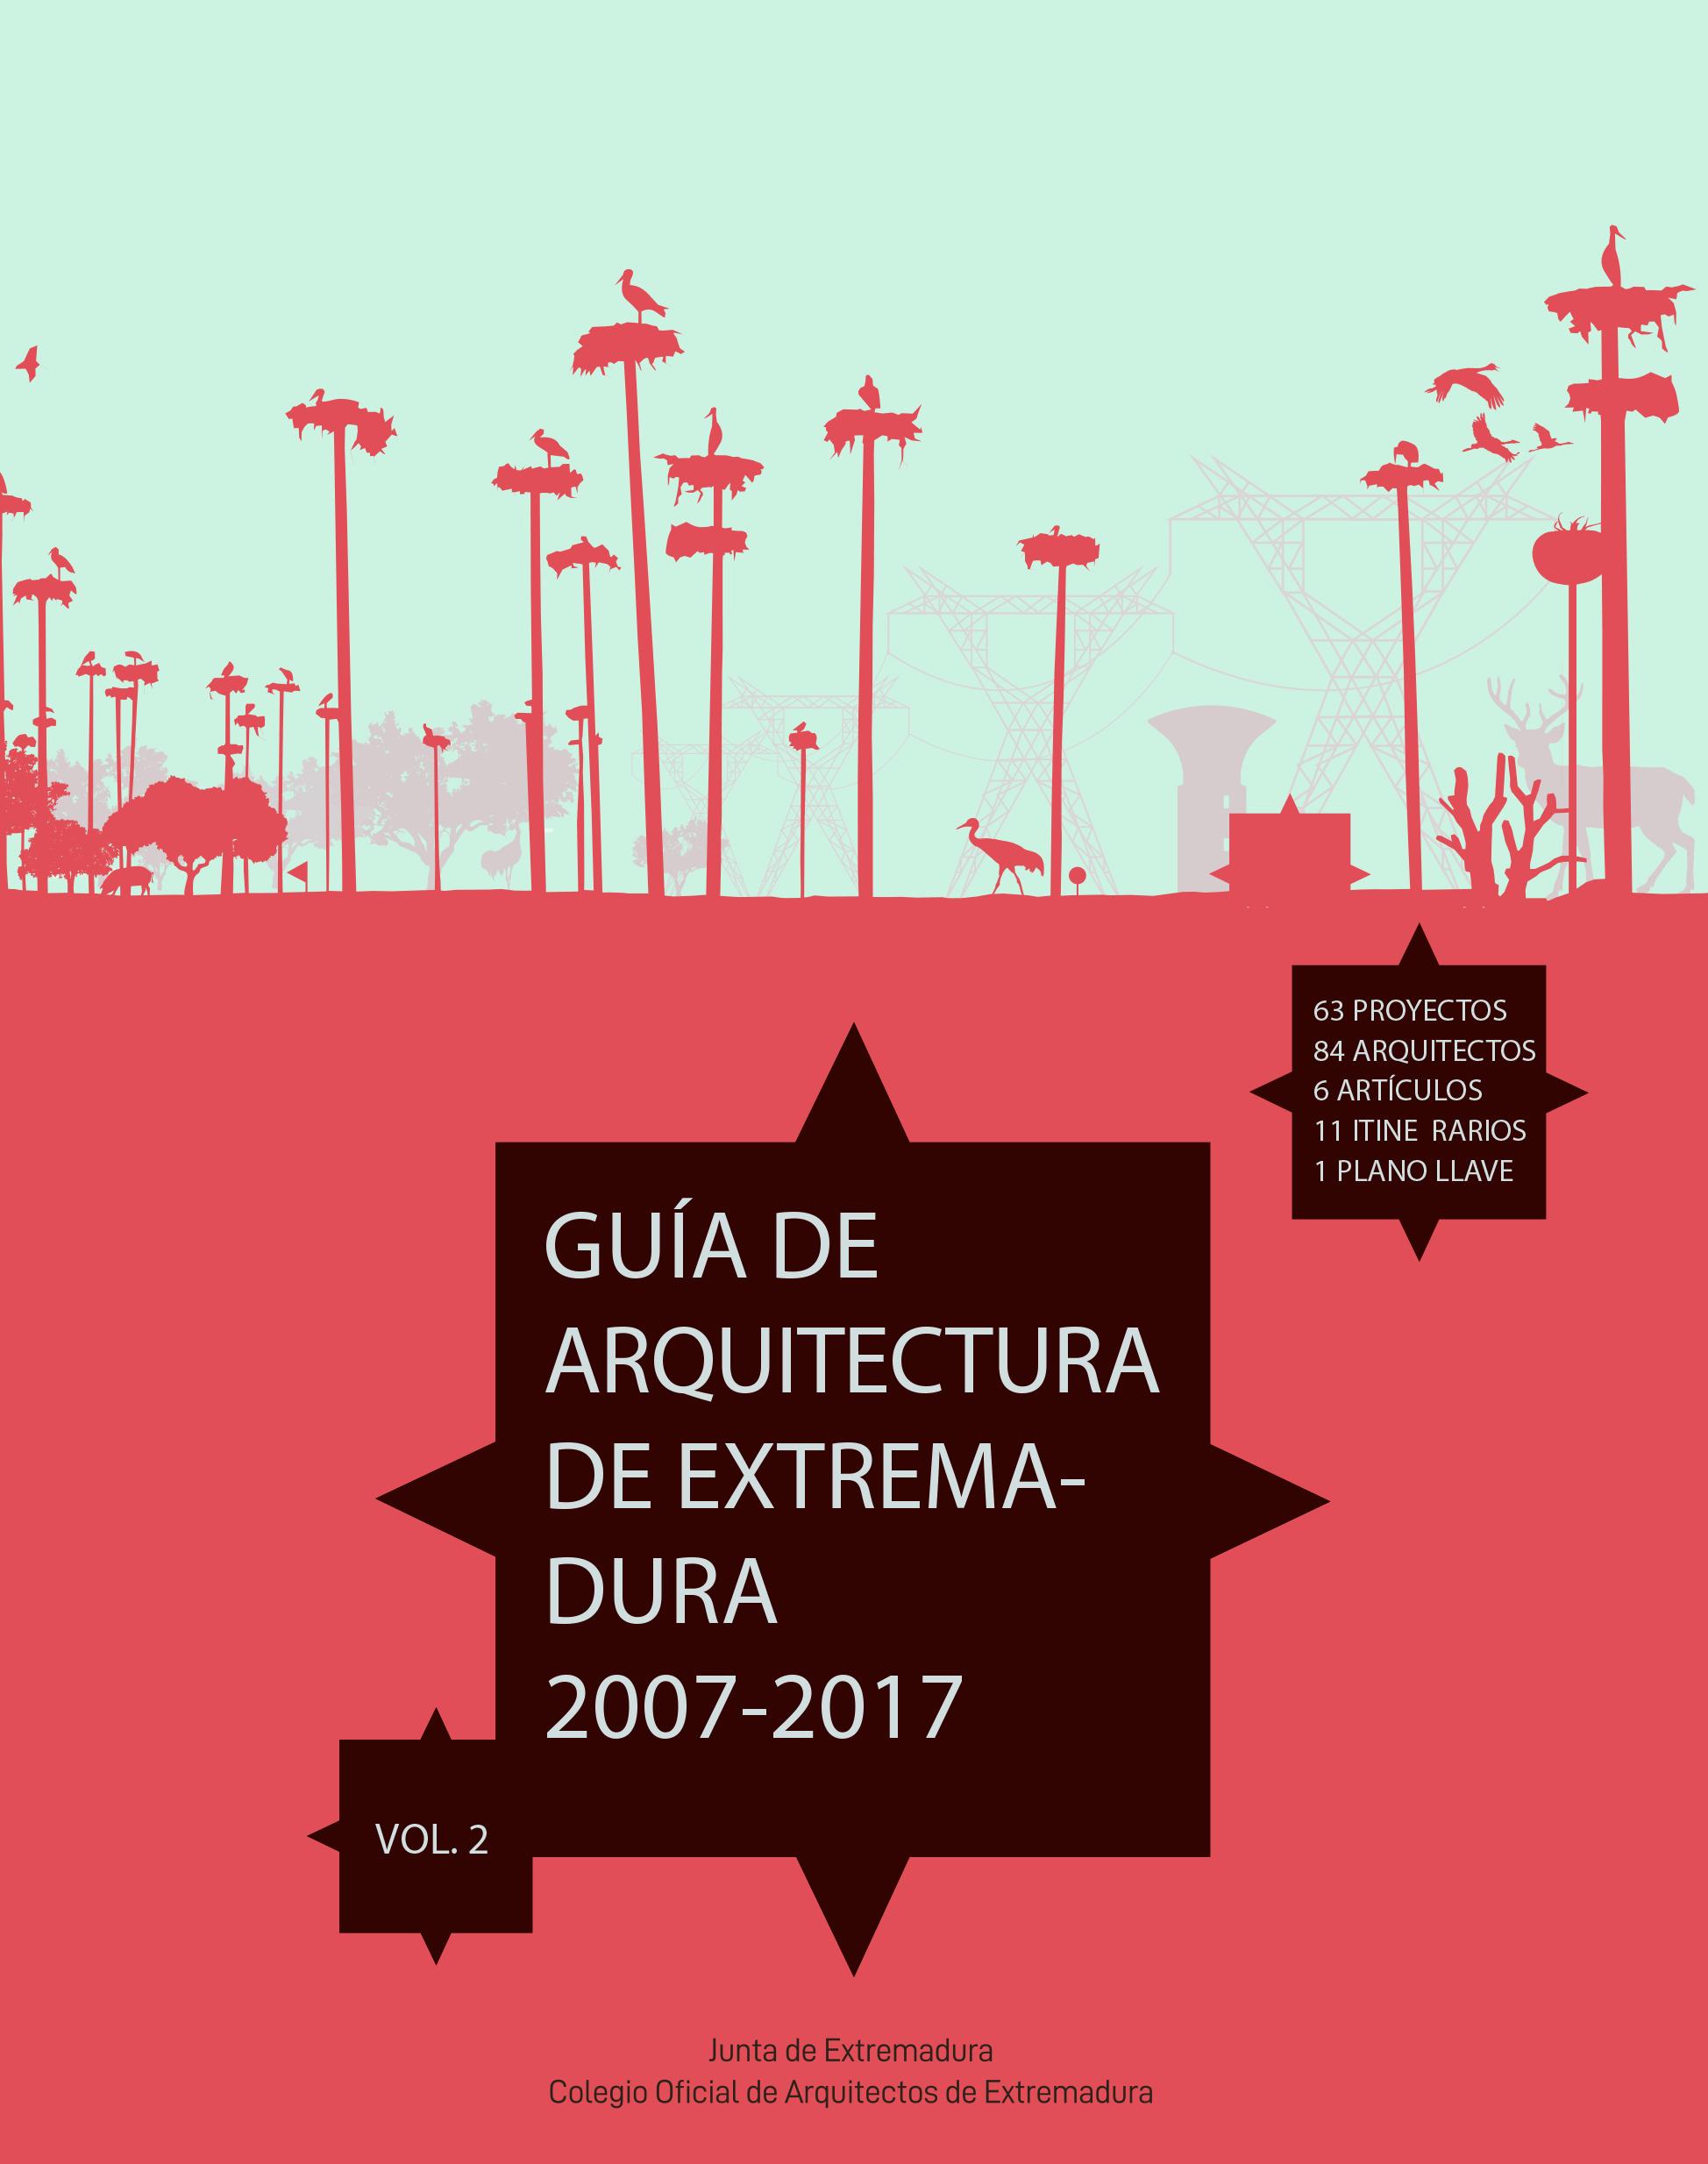 Guia de Arquitectura Contemporanea de Extremadura 2007-2017 - GACE vol.2